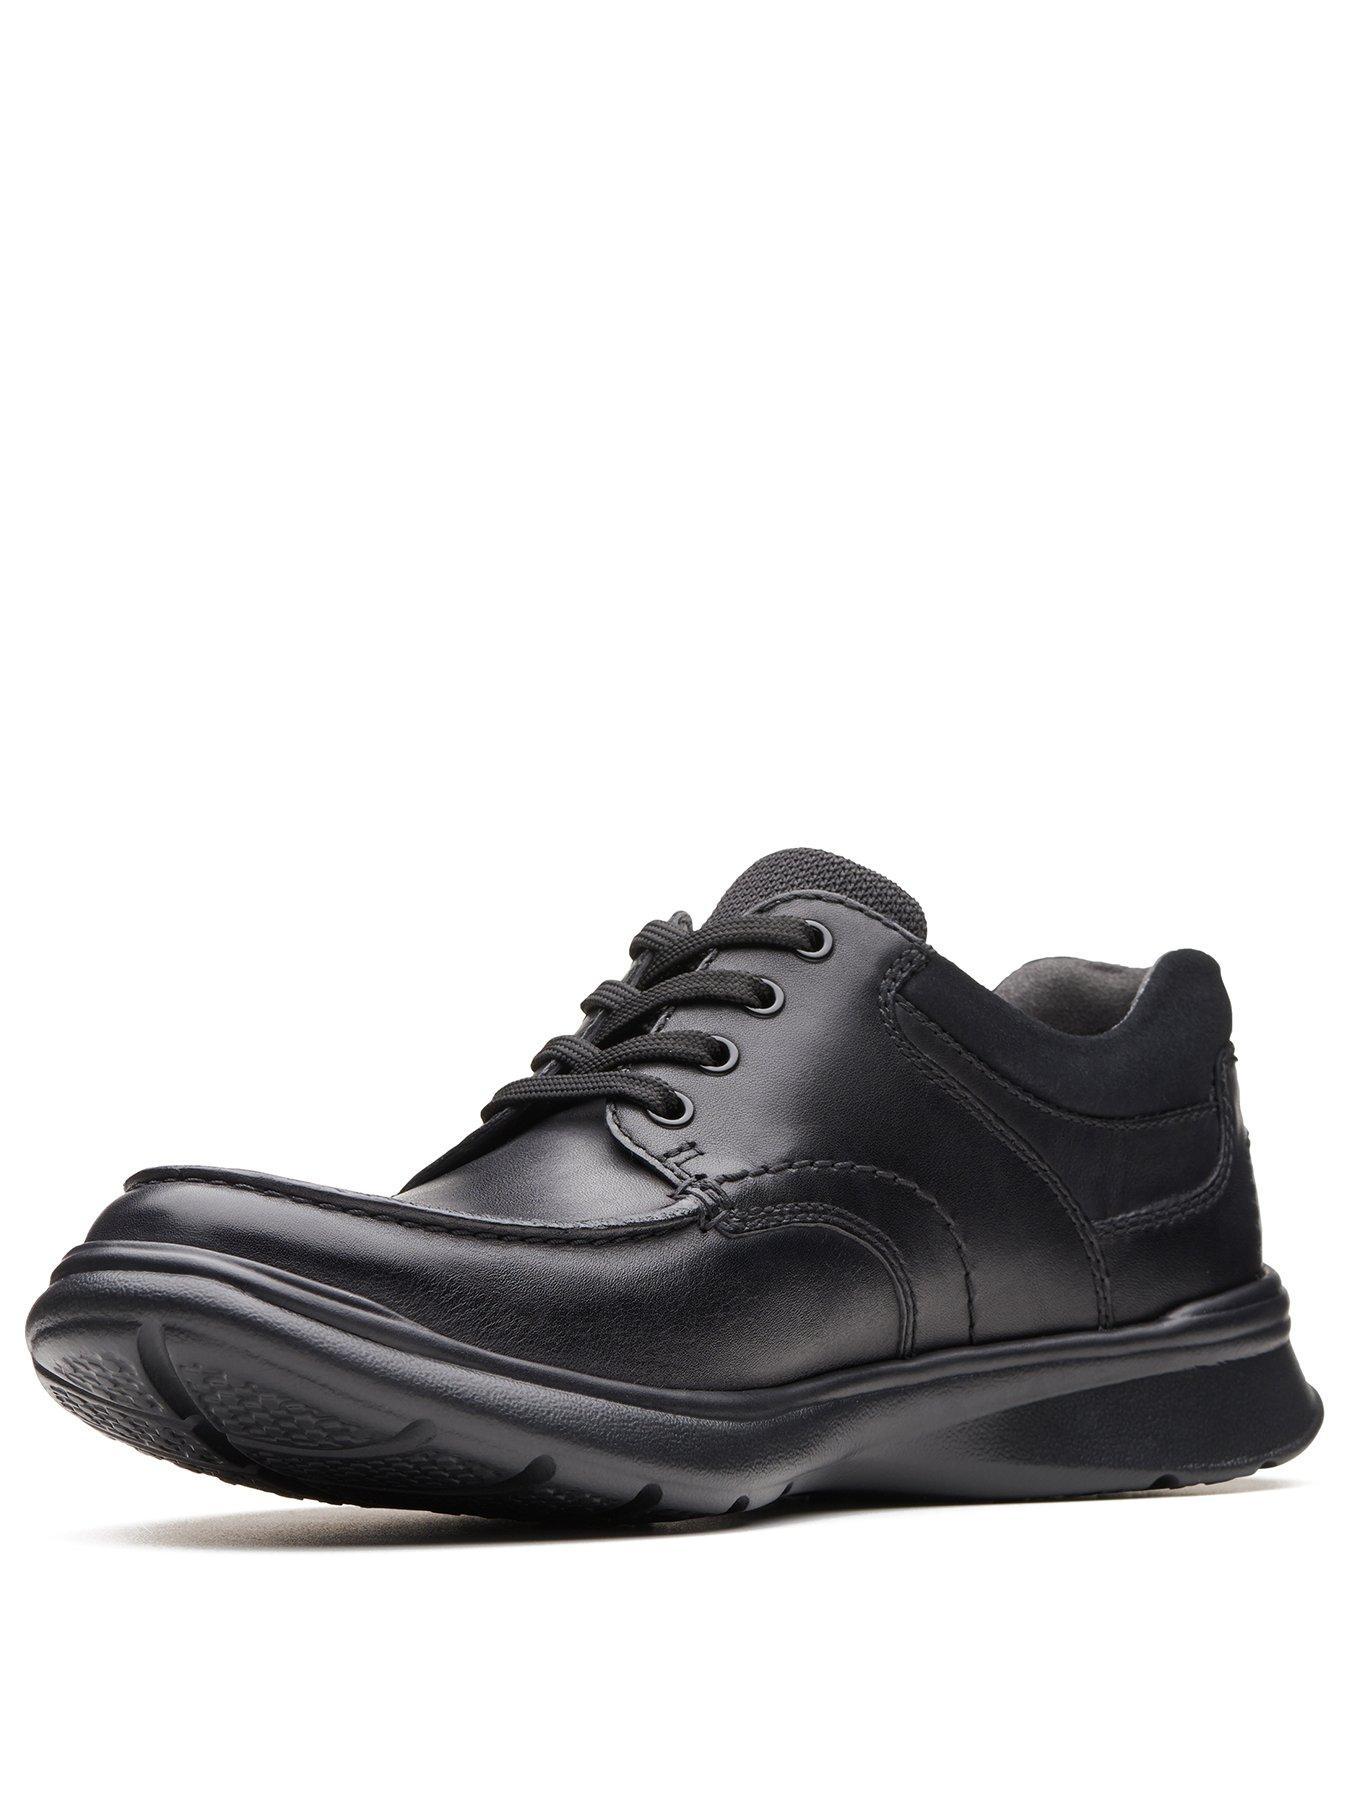 Mens Shoes \u0026 Boots | Mens Footwear